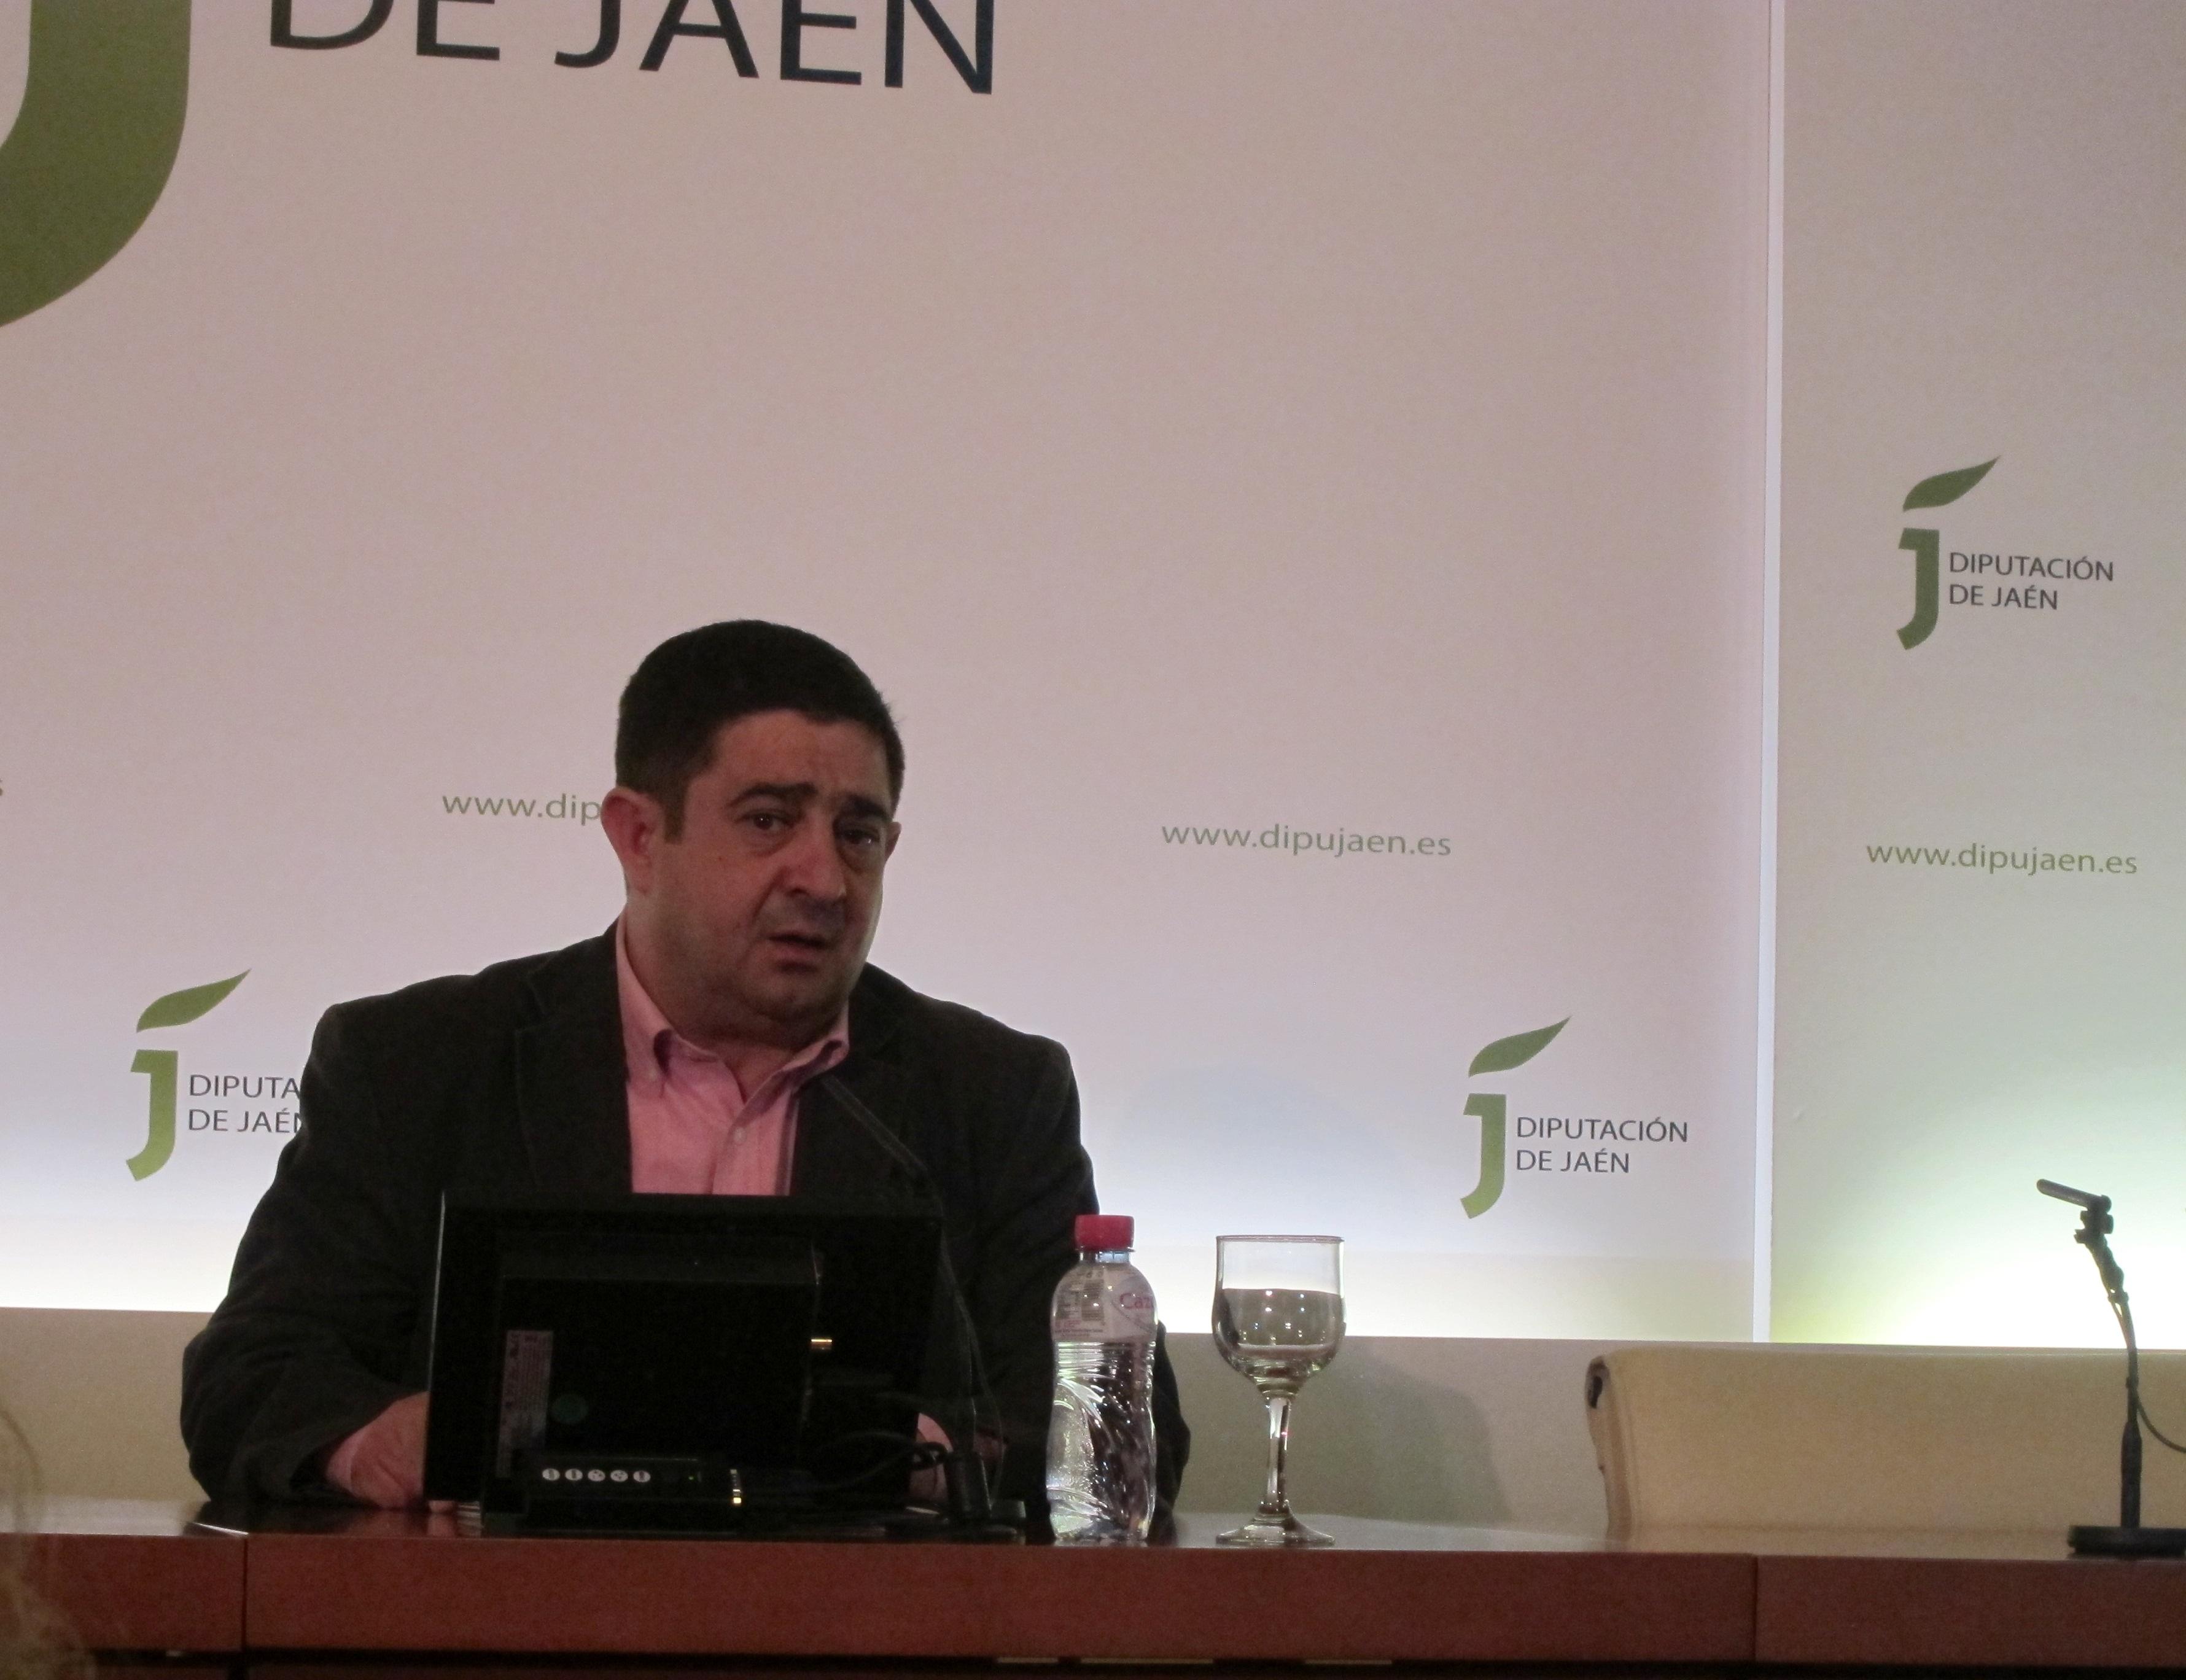 Reyes defiende que Diputación «no va a premiar a nadie» por una obra con «tintes que atentan» contra la igualdad